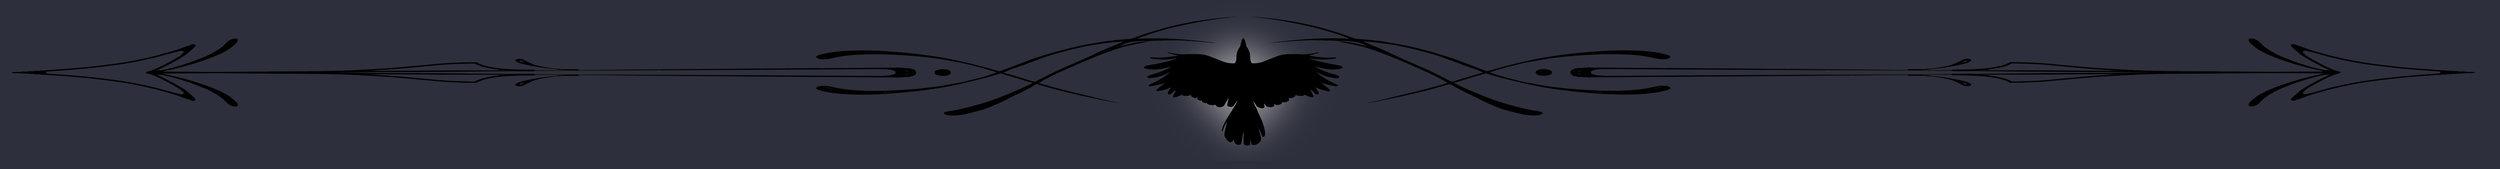 freebirdline2.jpg